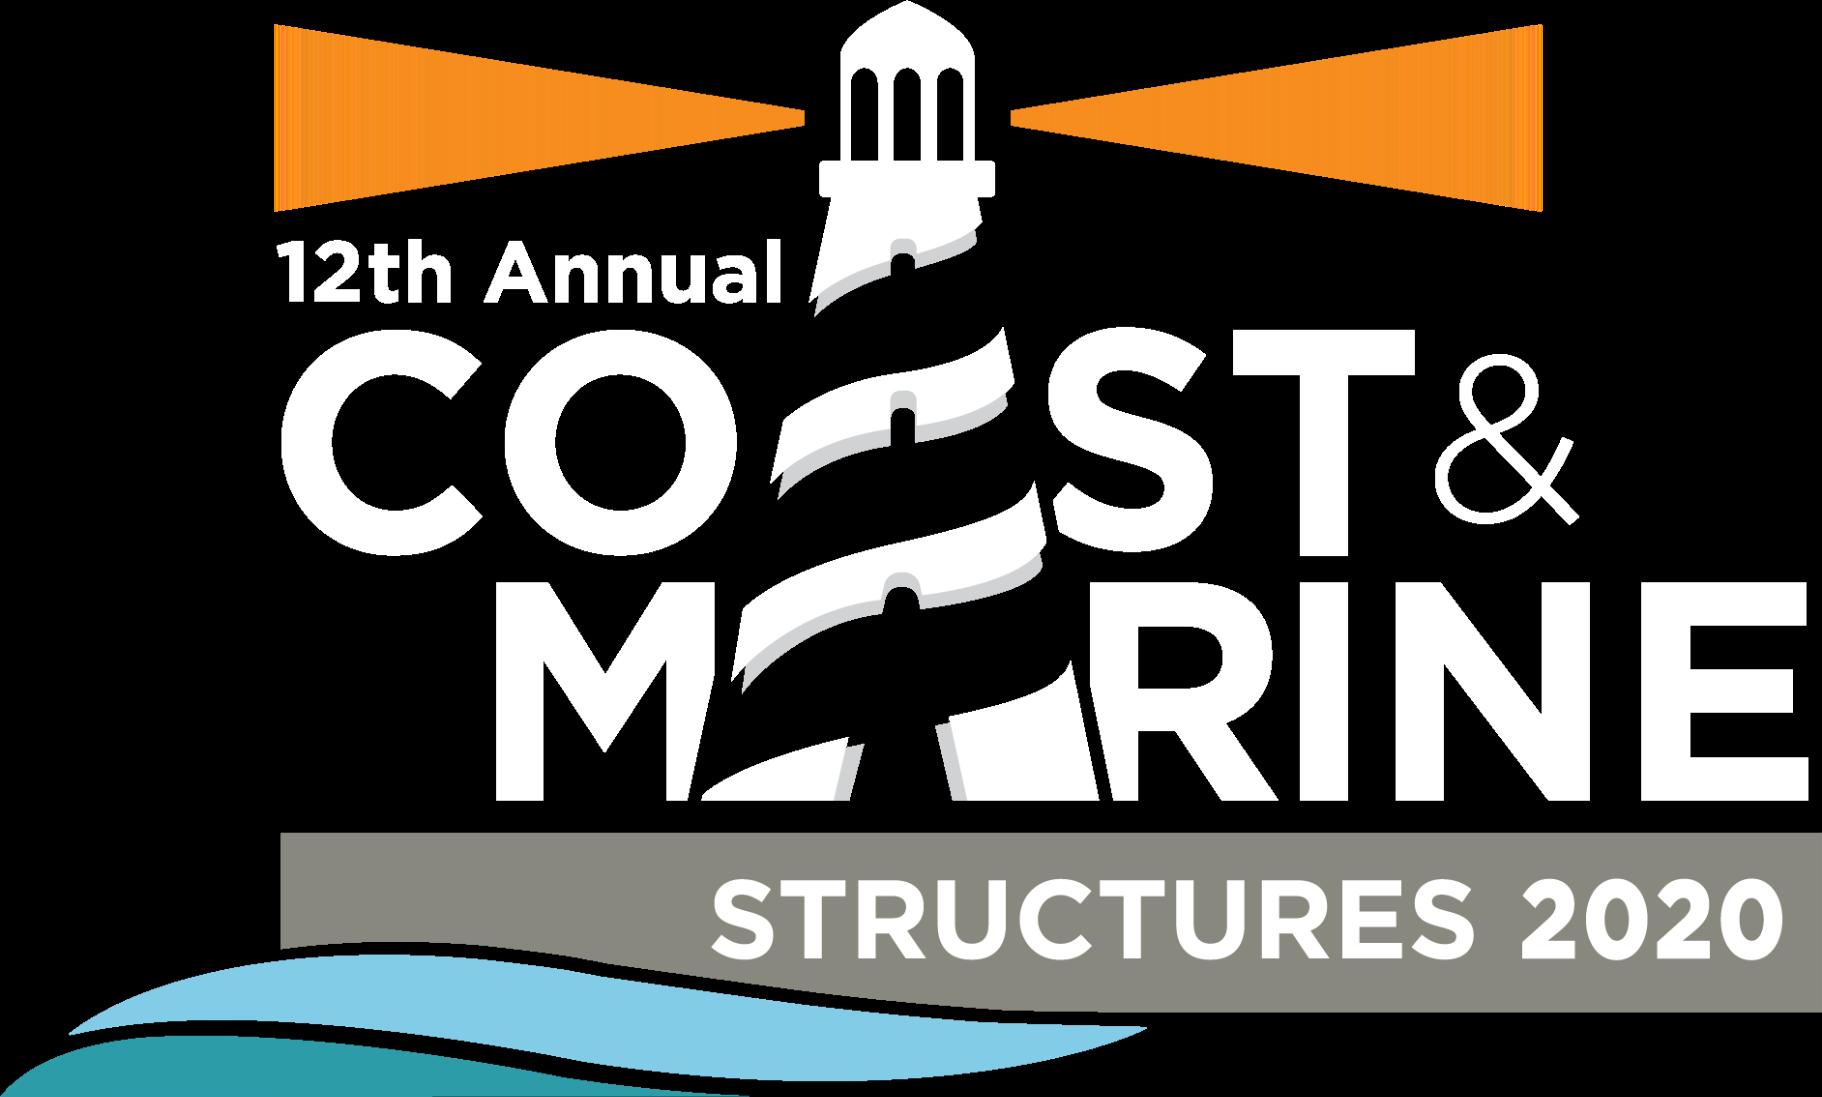 12th Annual Coast & Marines Summit 2020